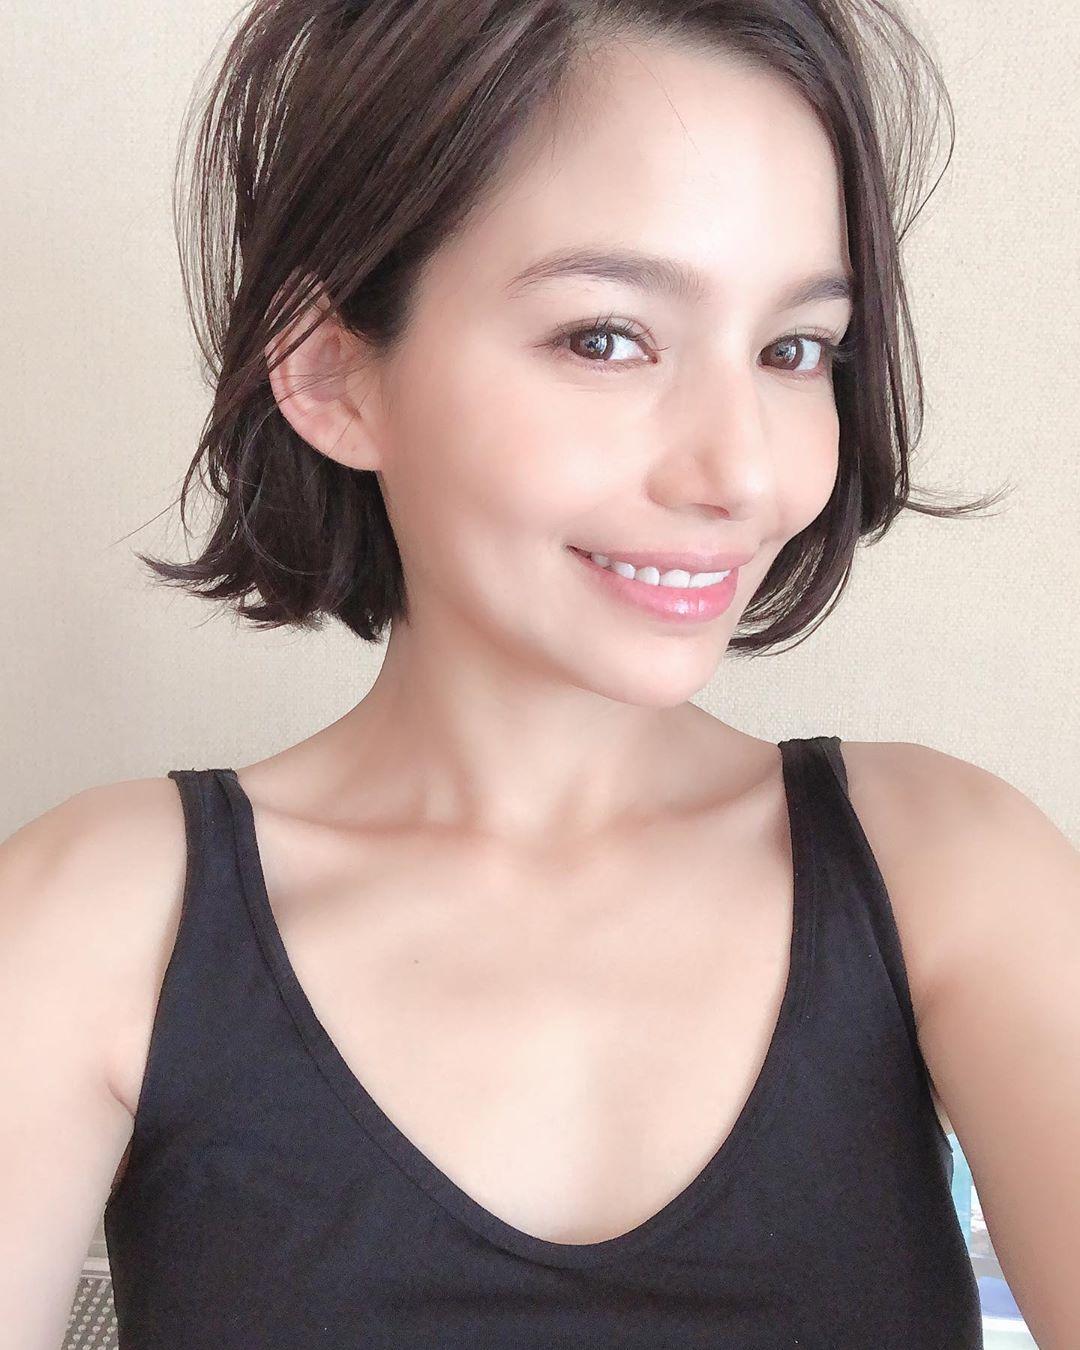 元AV女優・Rio(柚木ティナ)の引退後の現在は?整形したって ...